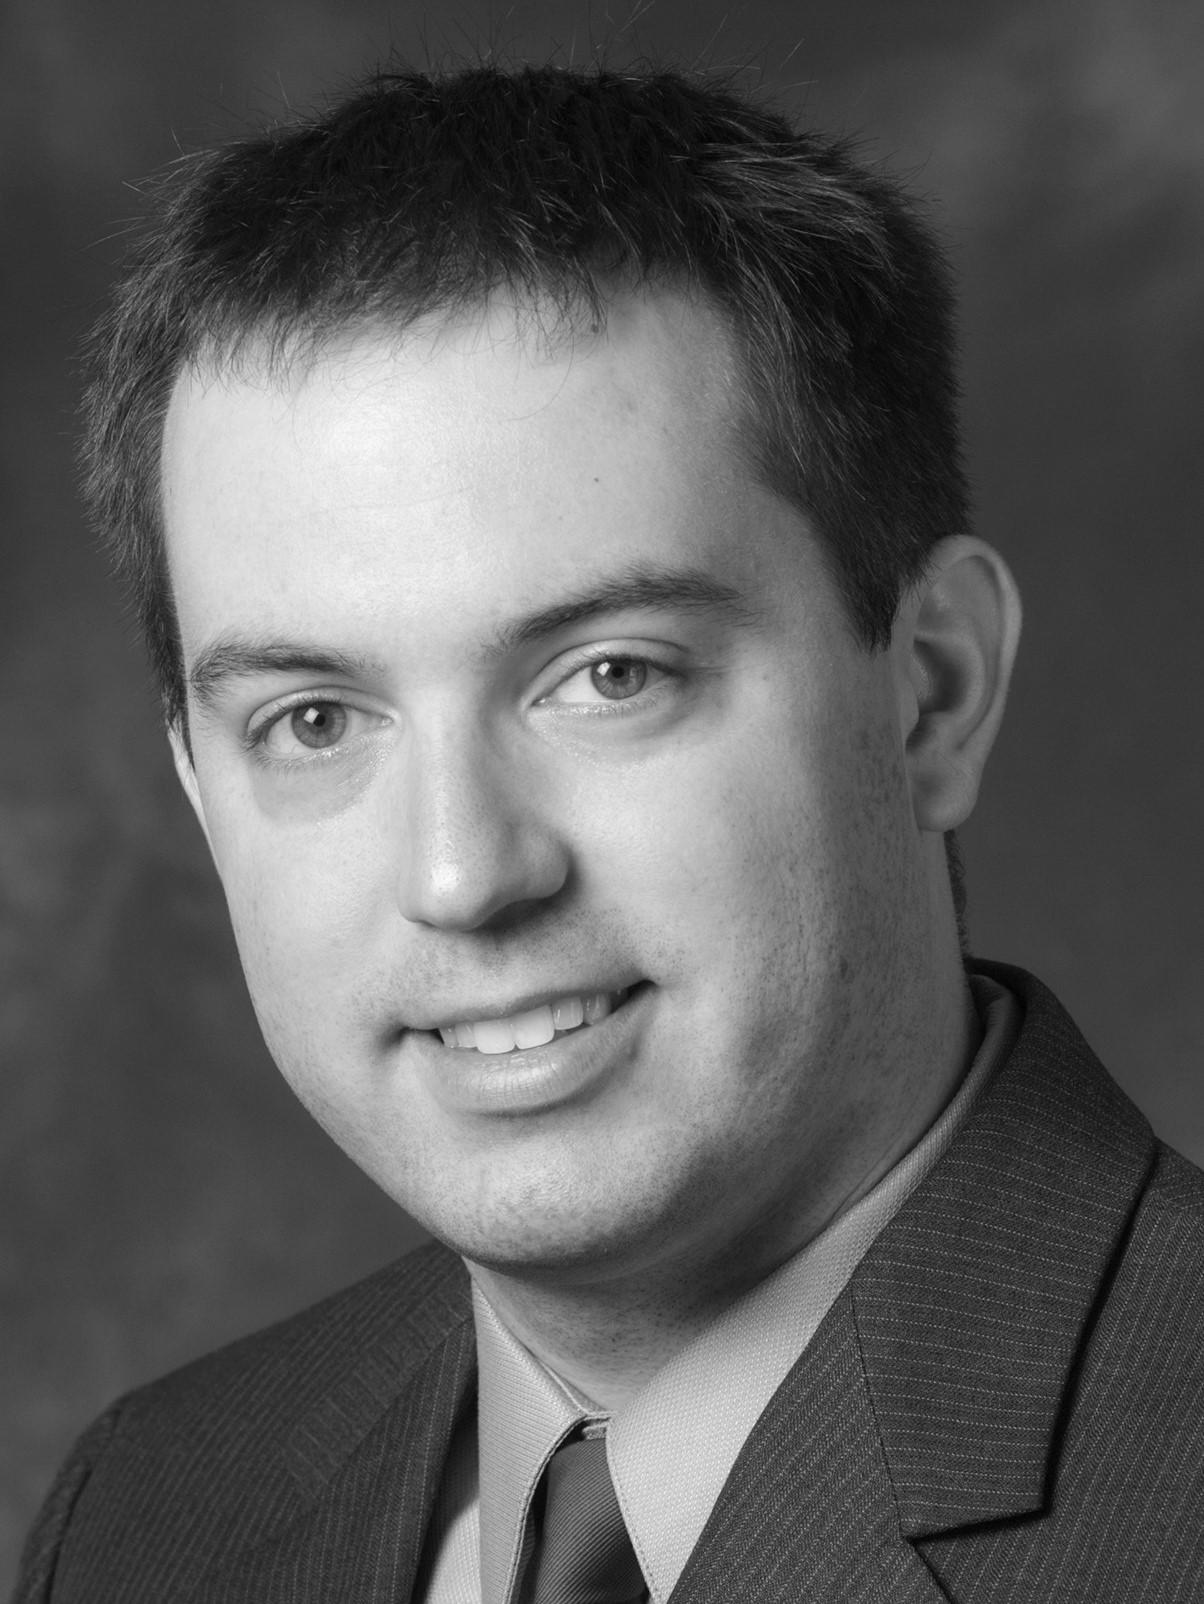 Photo of Matt G.